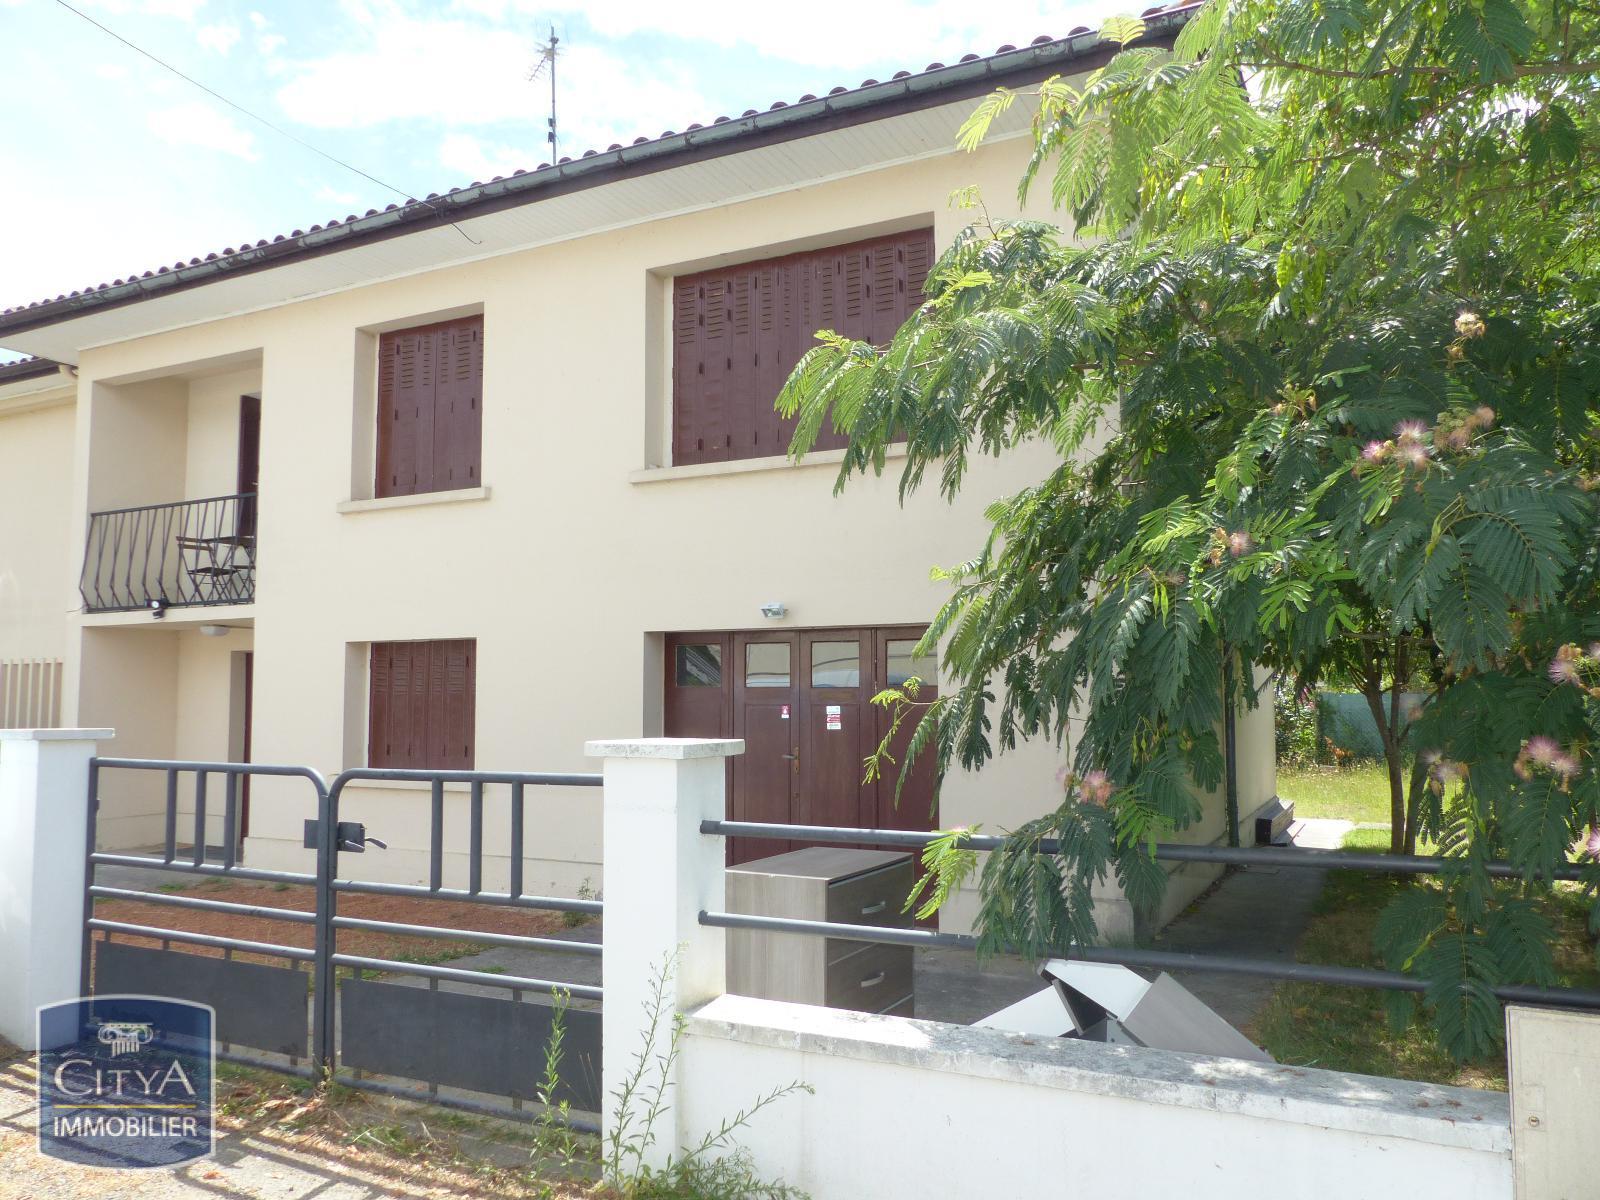 Maison/villa 5 pièces 117 m²